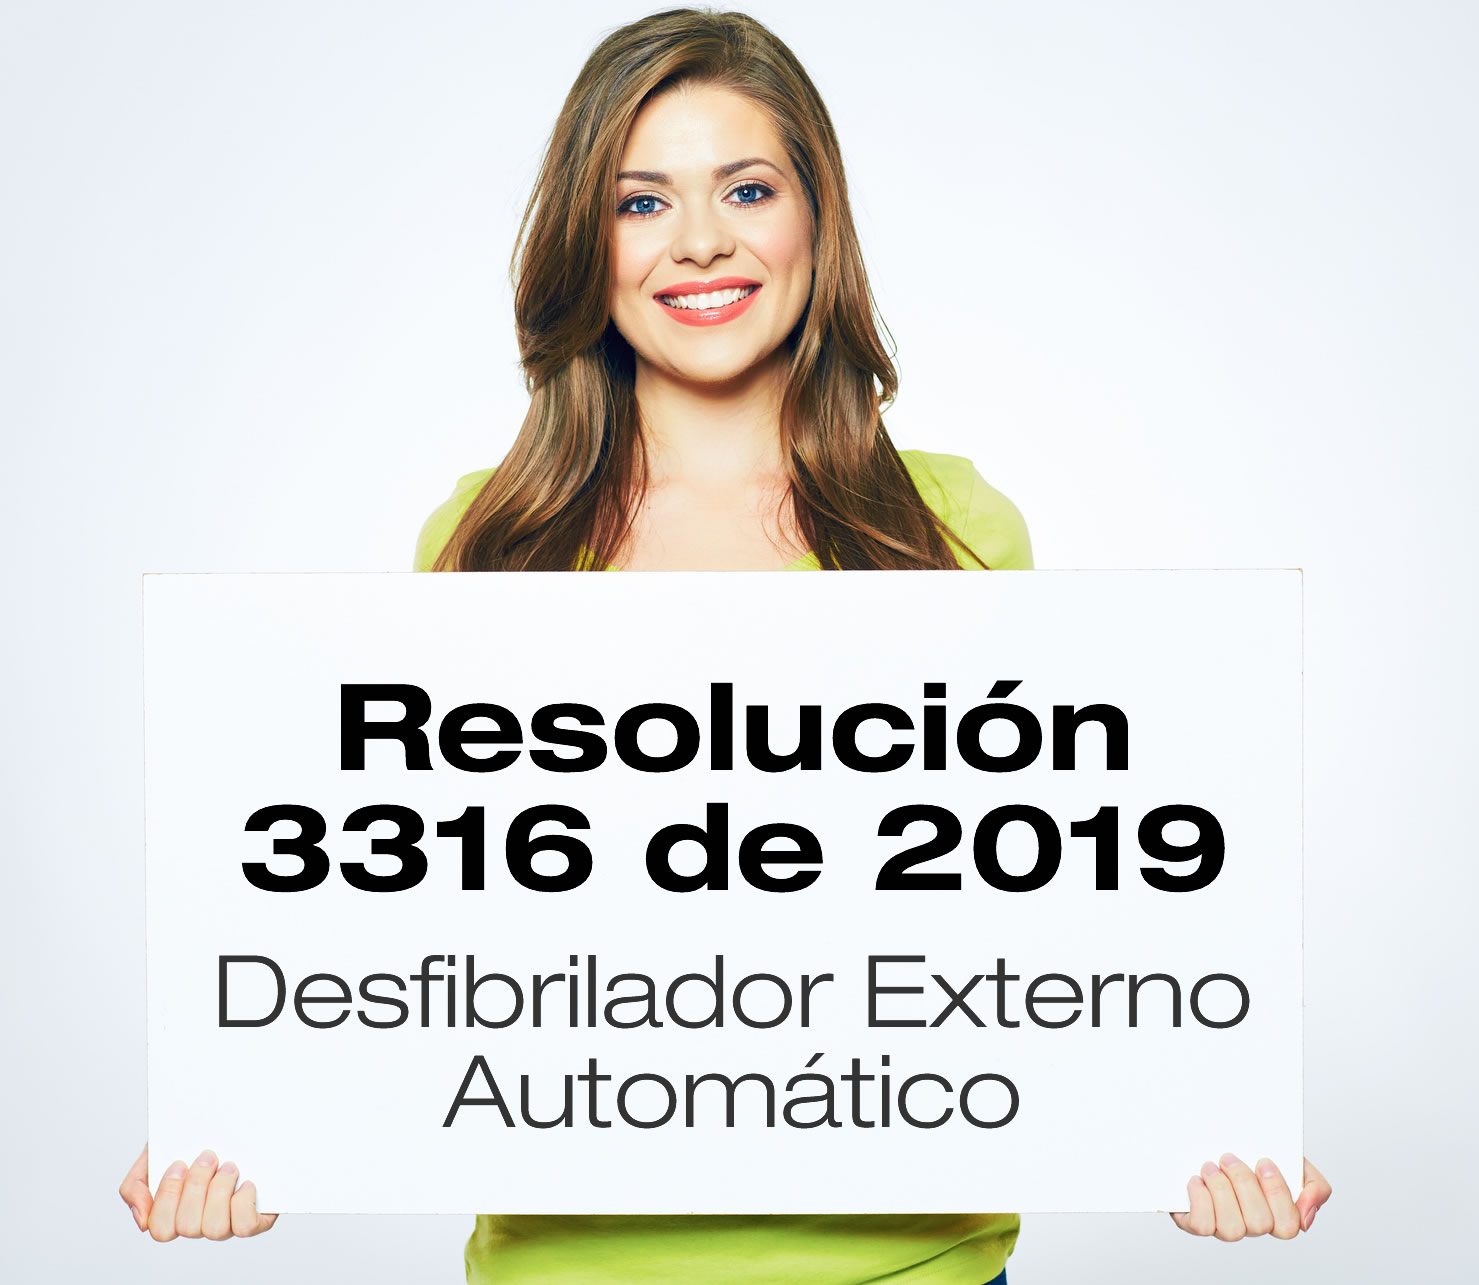 Resolución 3316 de 2019